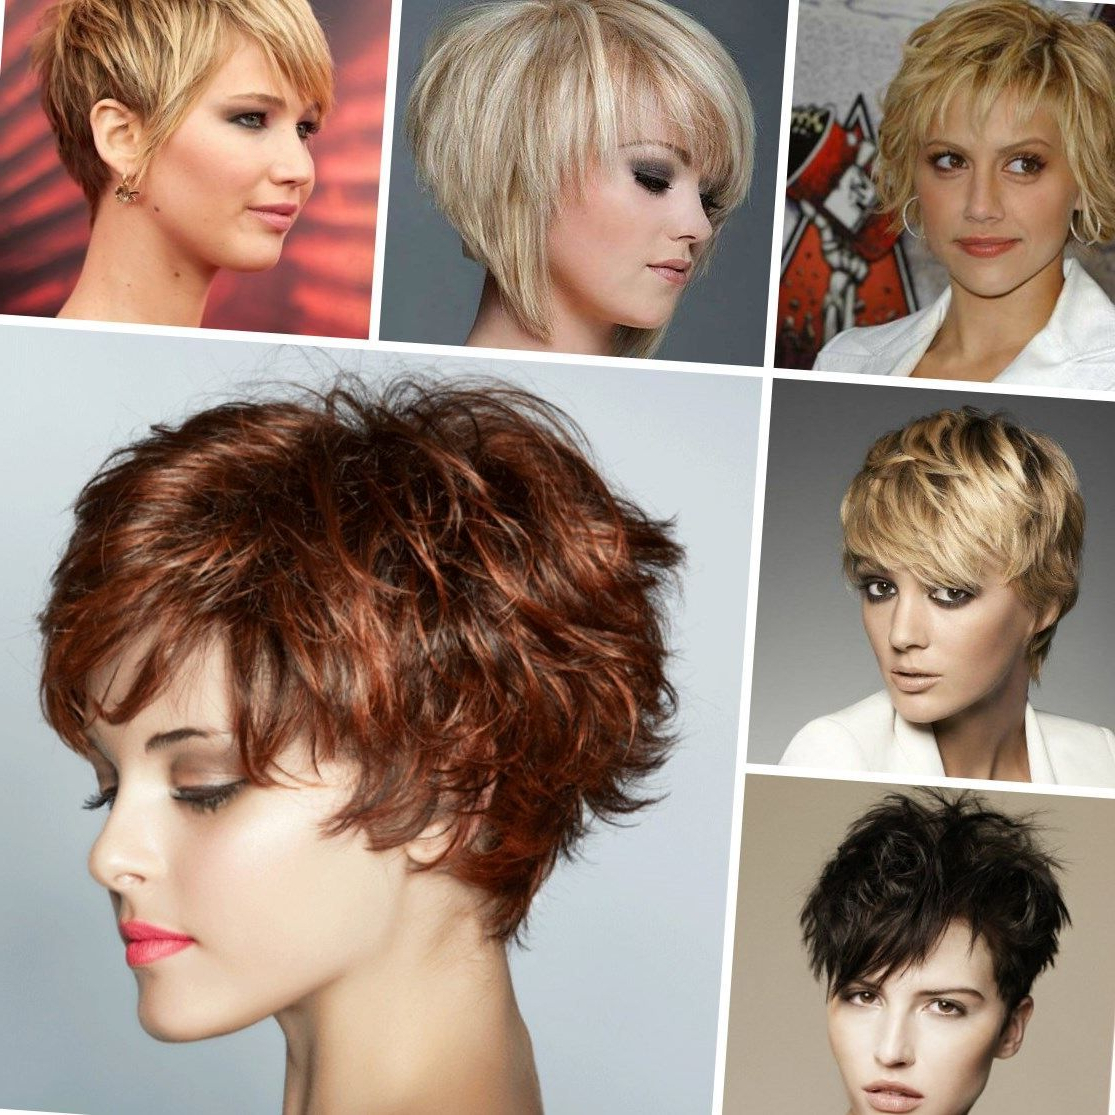 20 Short Sassy Haircuts Short Hairstyles 2017 2018 Most Short With Sassy Short Haircuts For Thick Hair (View 3 of 25)